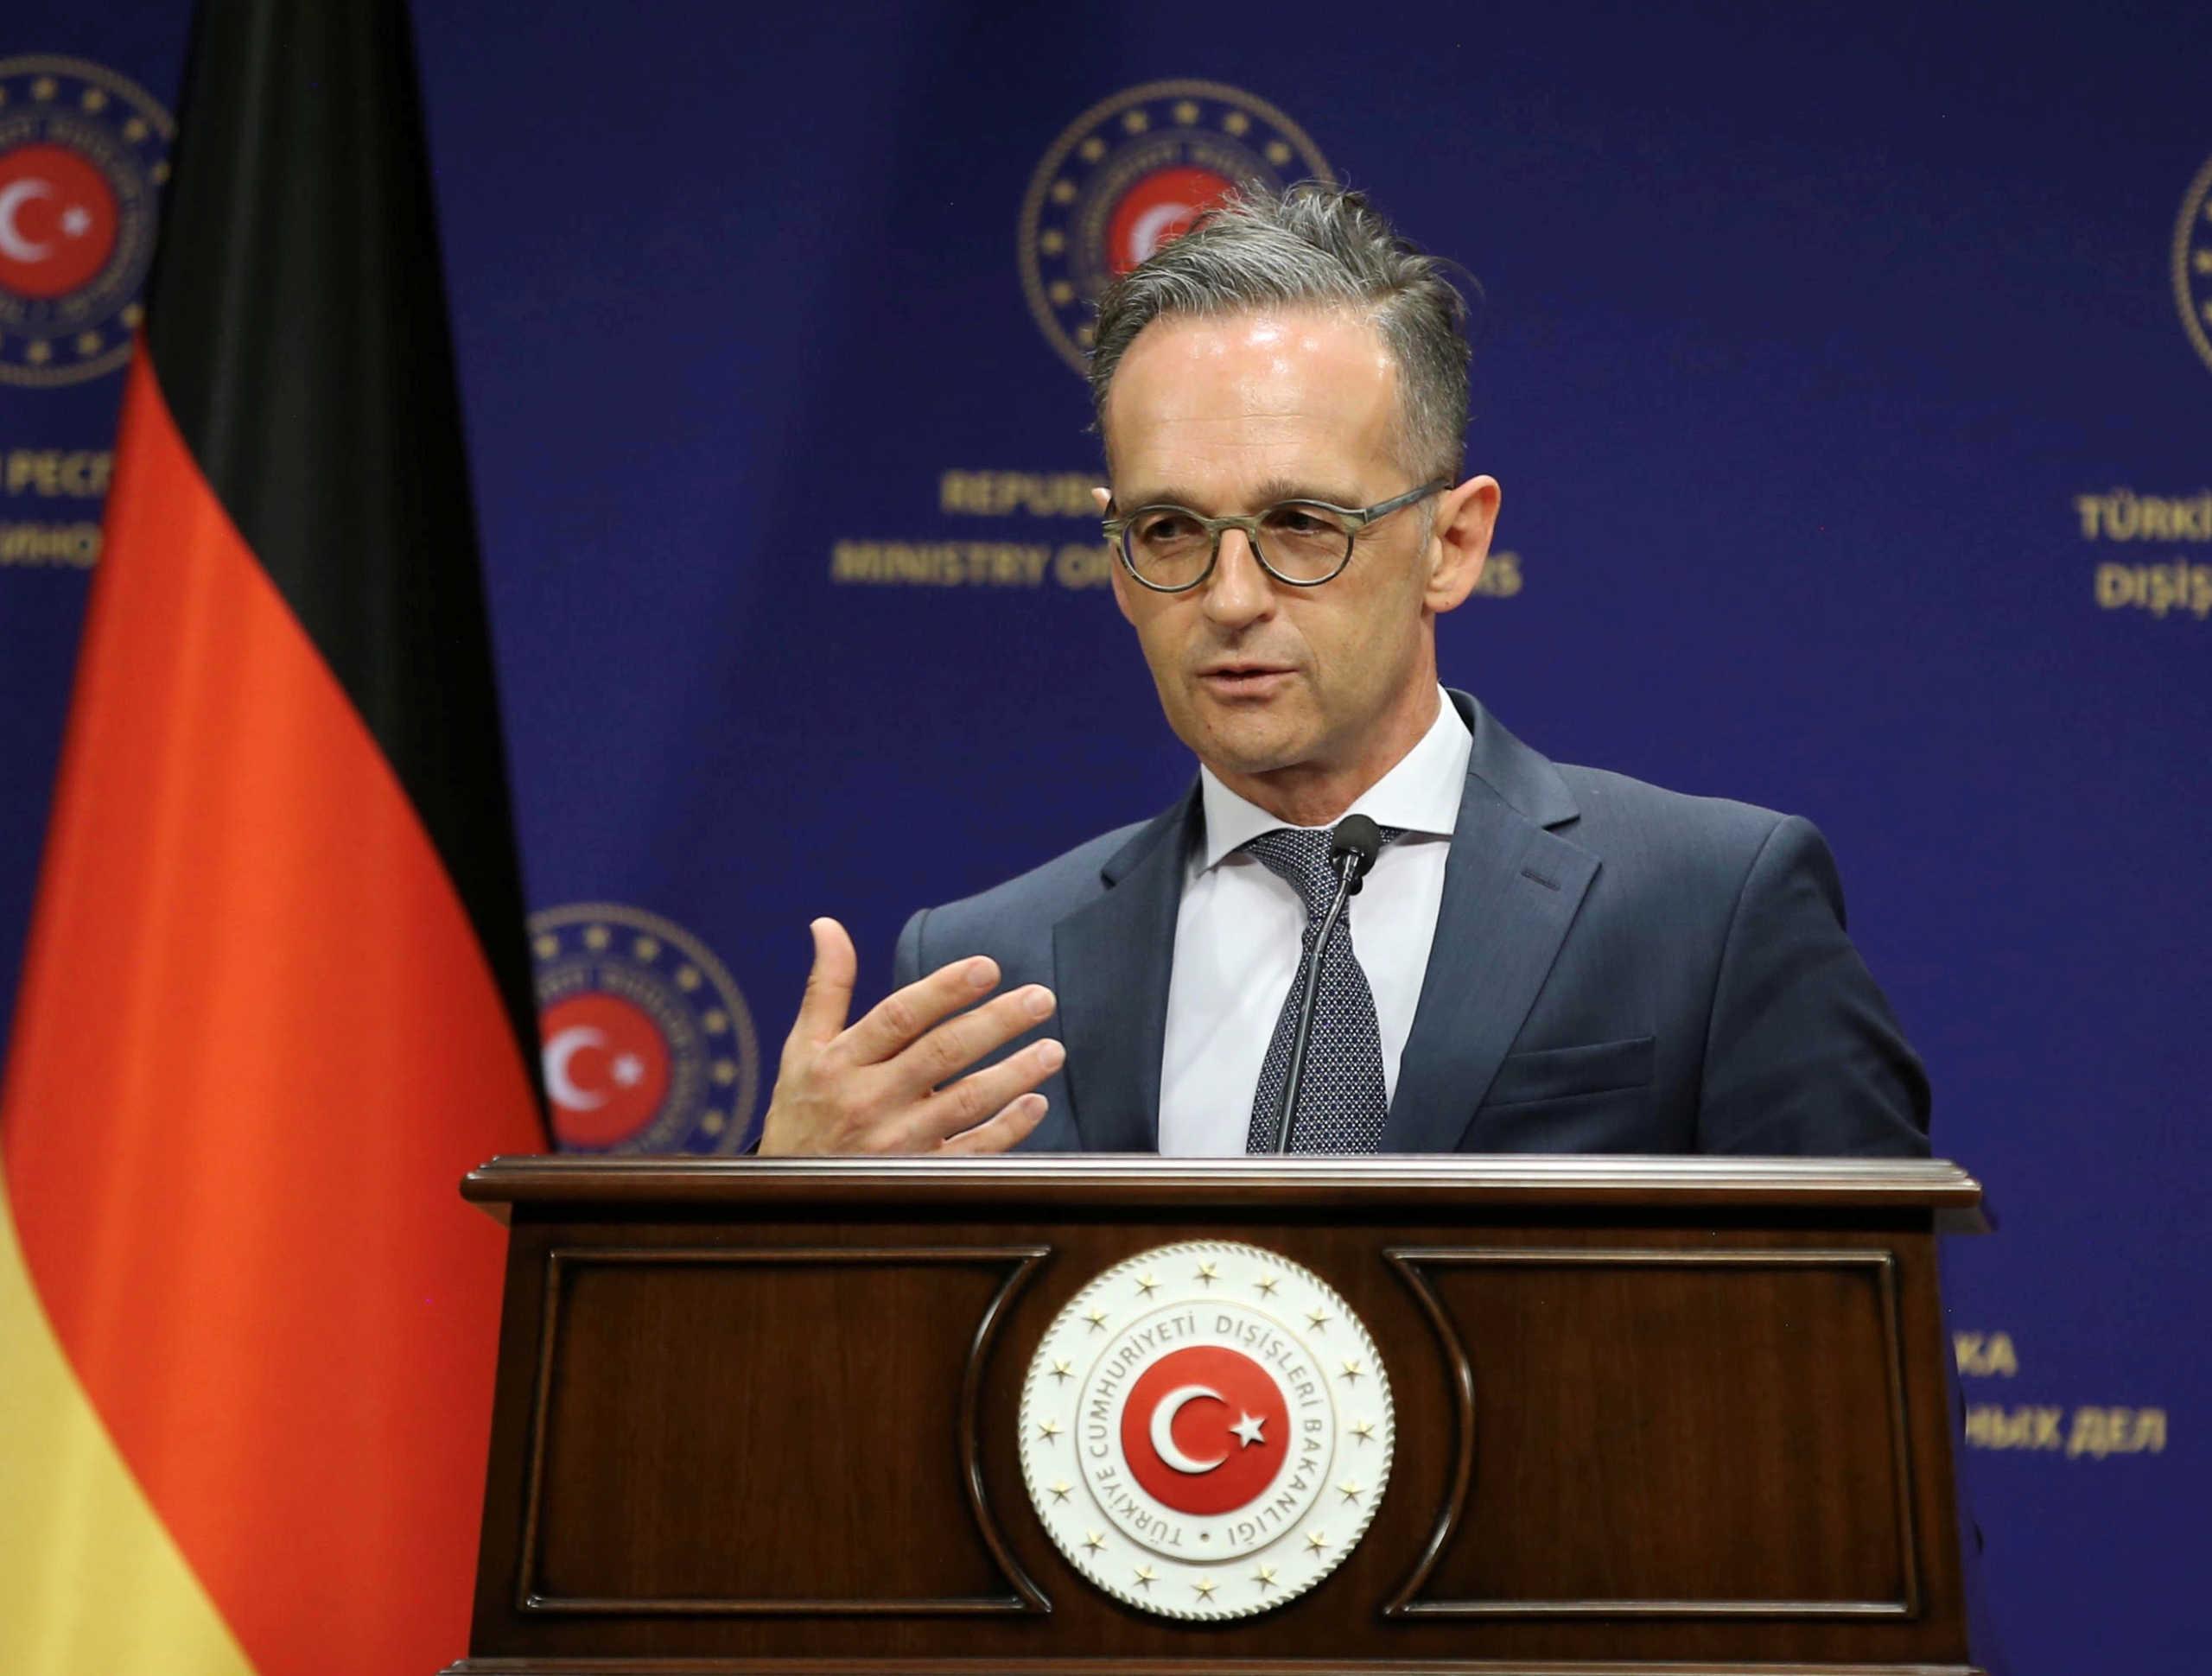 Προάγγελος Μάας για κυρώσεις στην Τουρκία: Υπερβολικά πολλές προκλήσεις, θα μιλήσουμε για συνέπειες